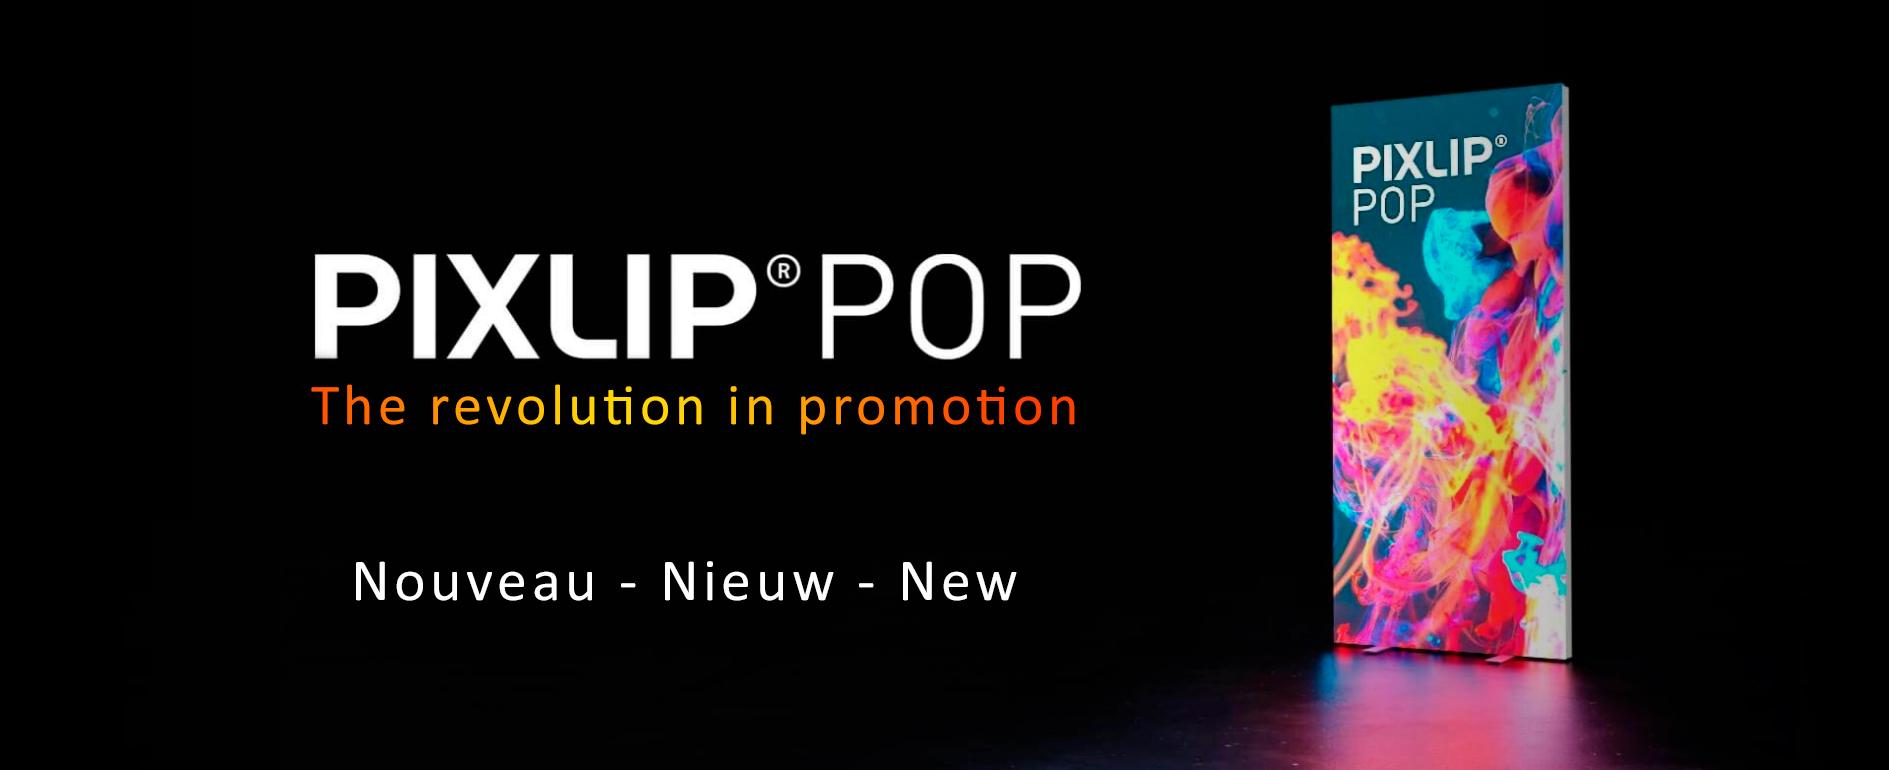 PIXLIP POP TEXTILE LED roll-up